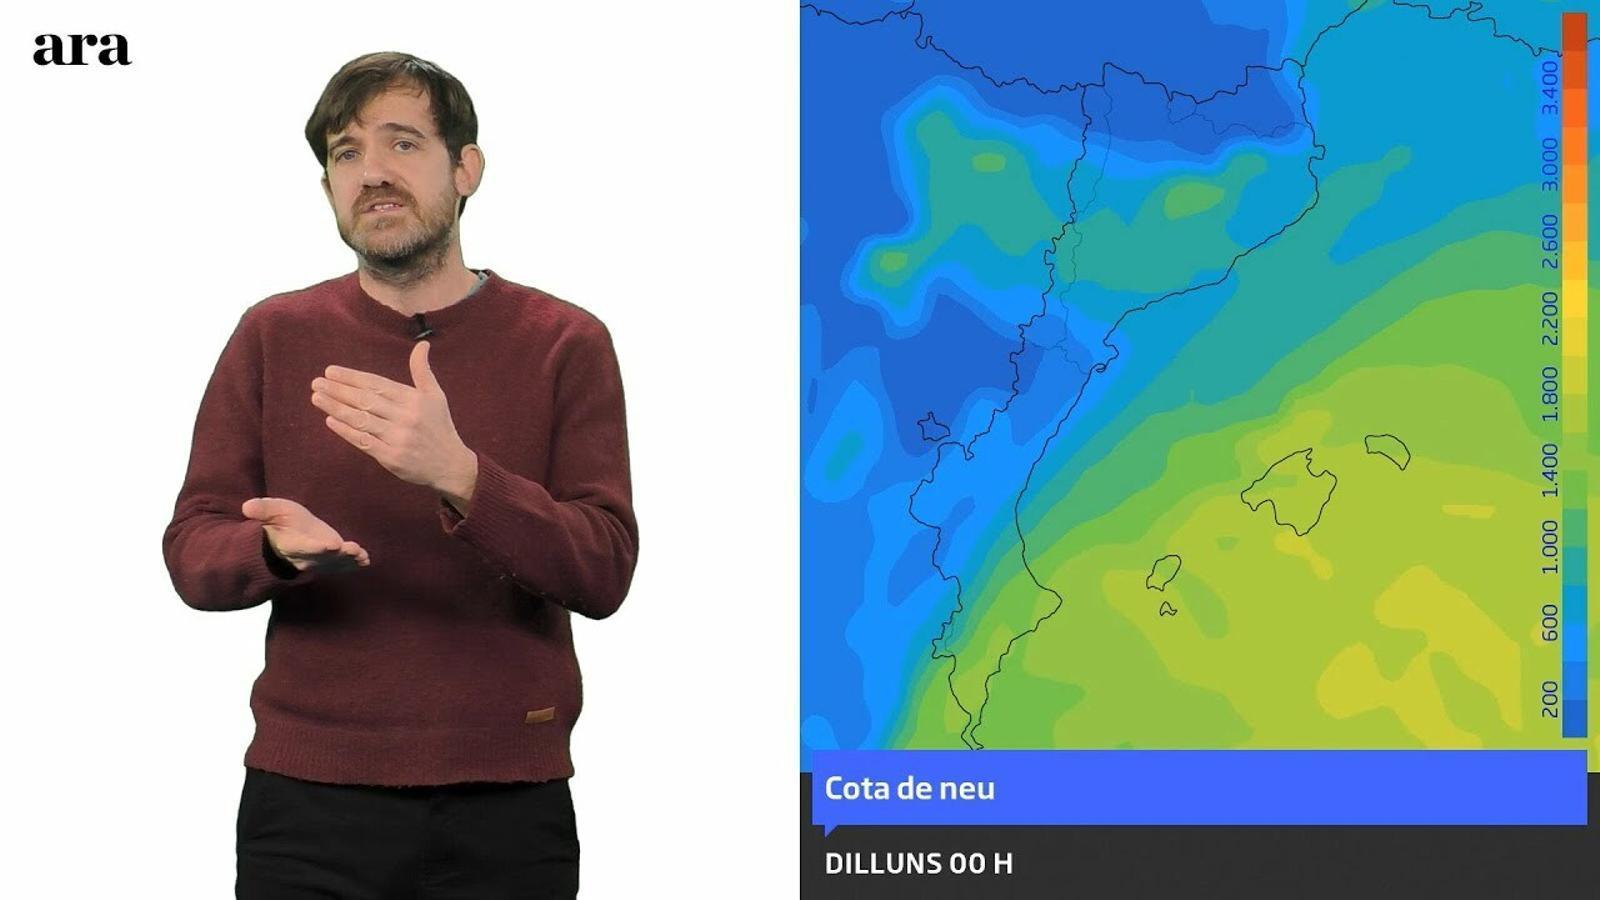 Méteo especial: pluges abundants, neu a cotes baixes i temporal de mar